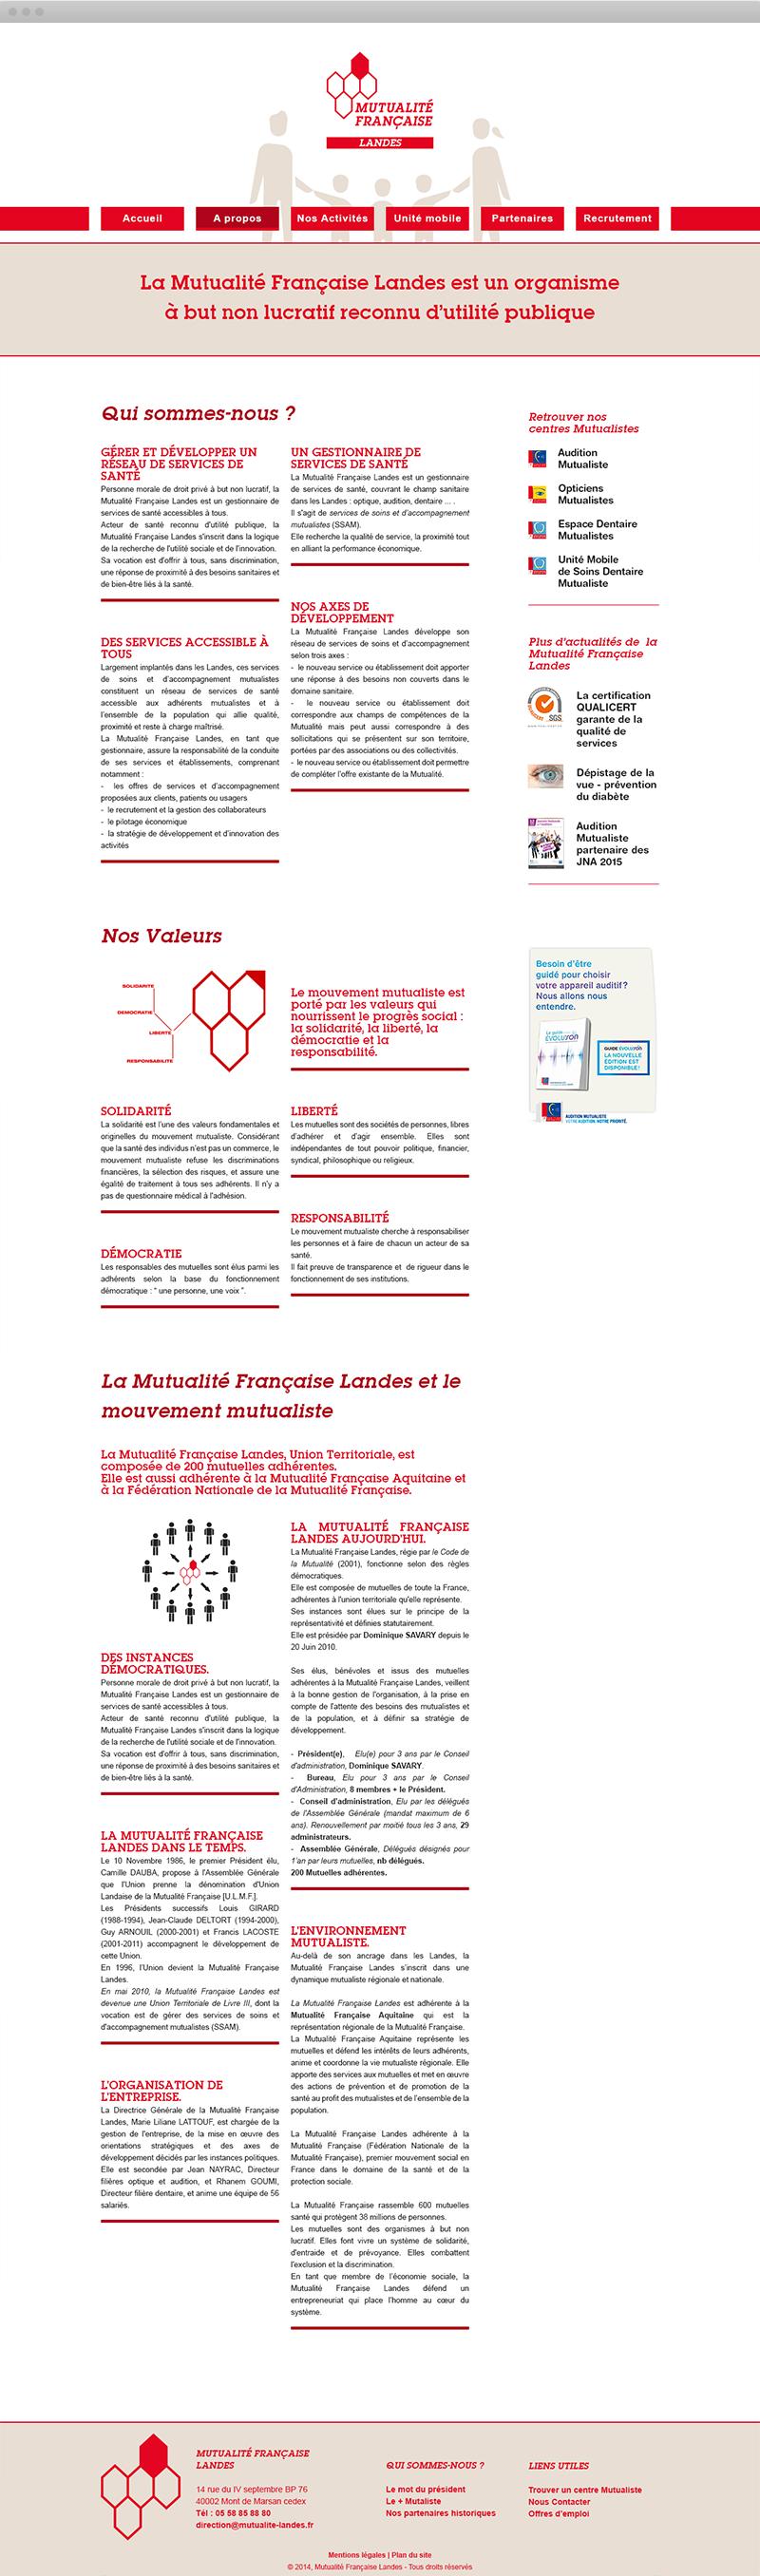 Mutualité Française Landes - A propos